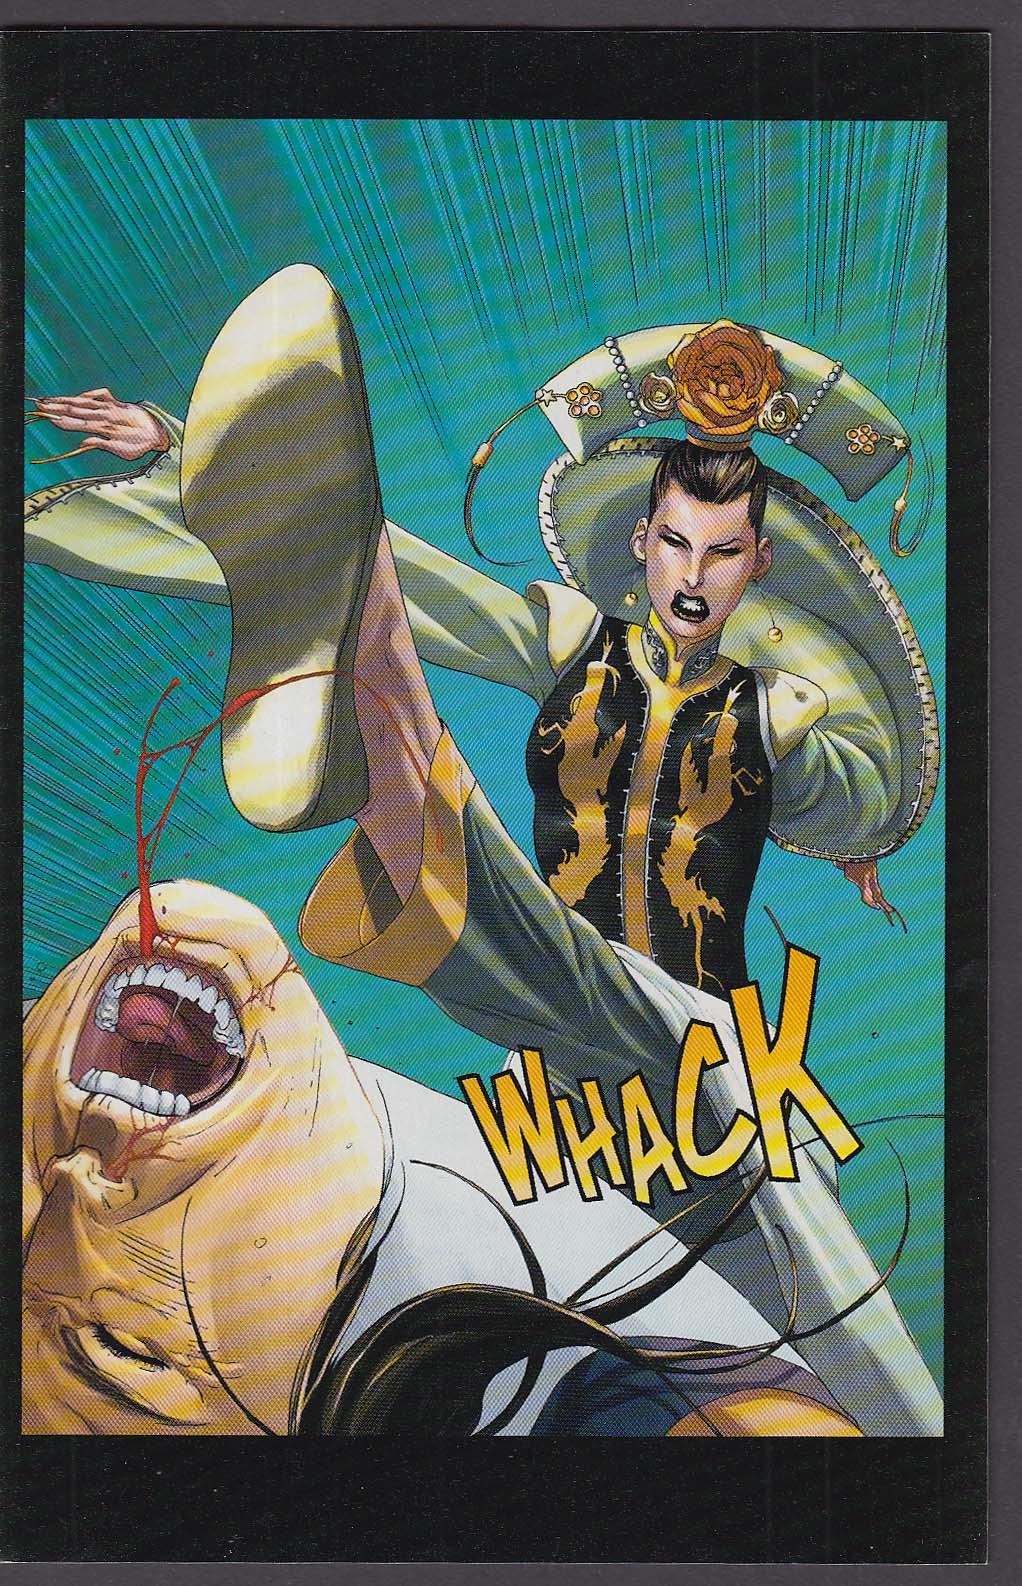 ARKANIUM #5 DW comic book 3 2003 1st printing